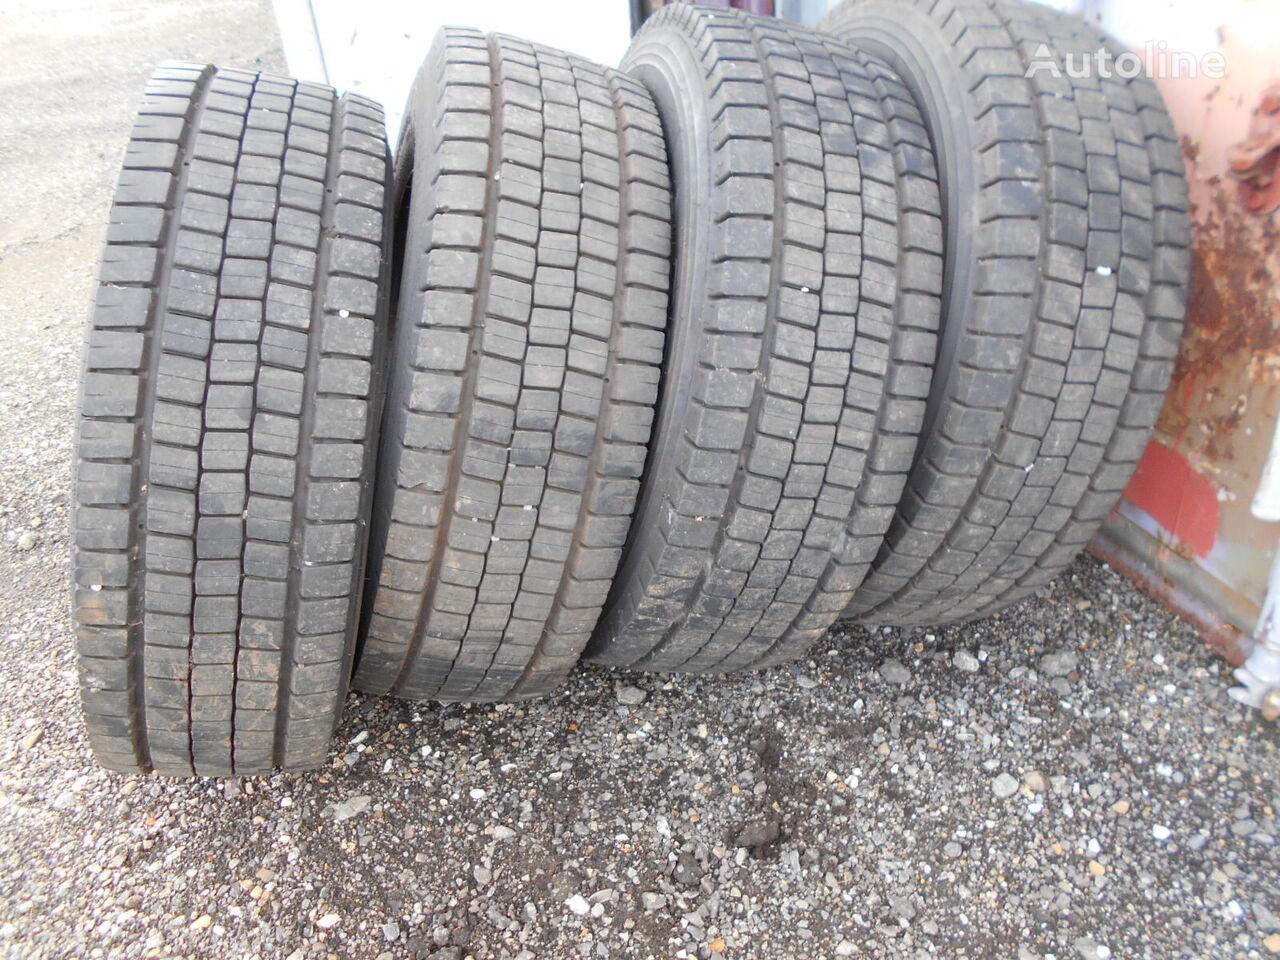 Michelin 275X70X22.5 truck tire